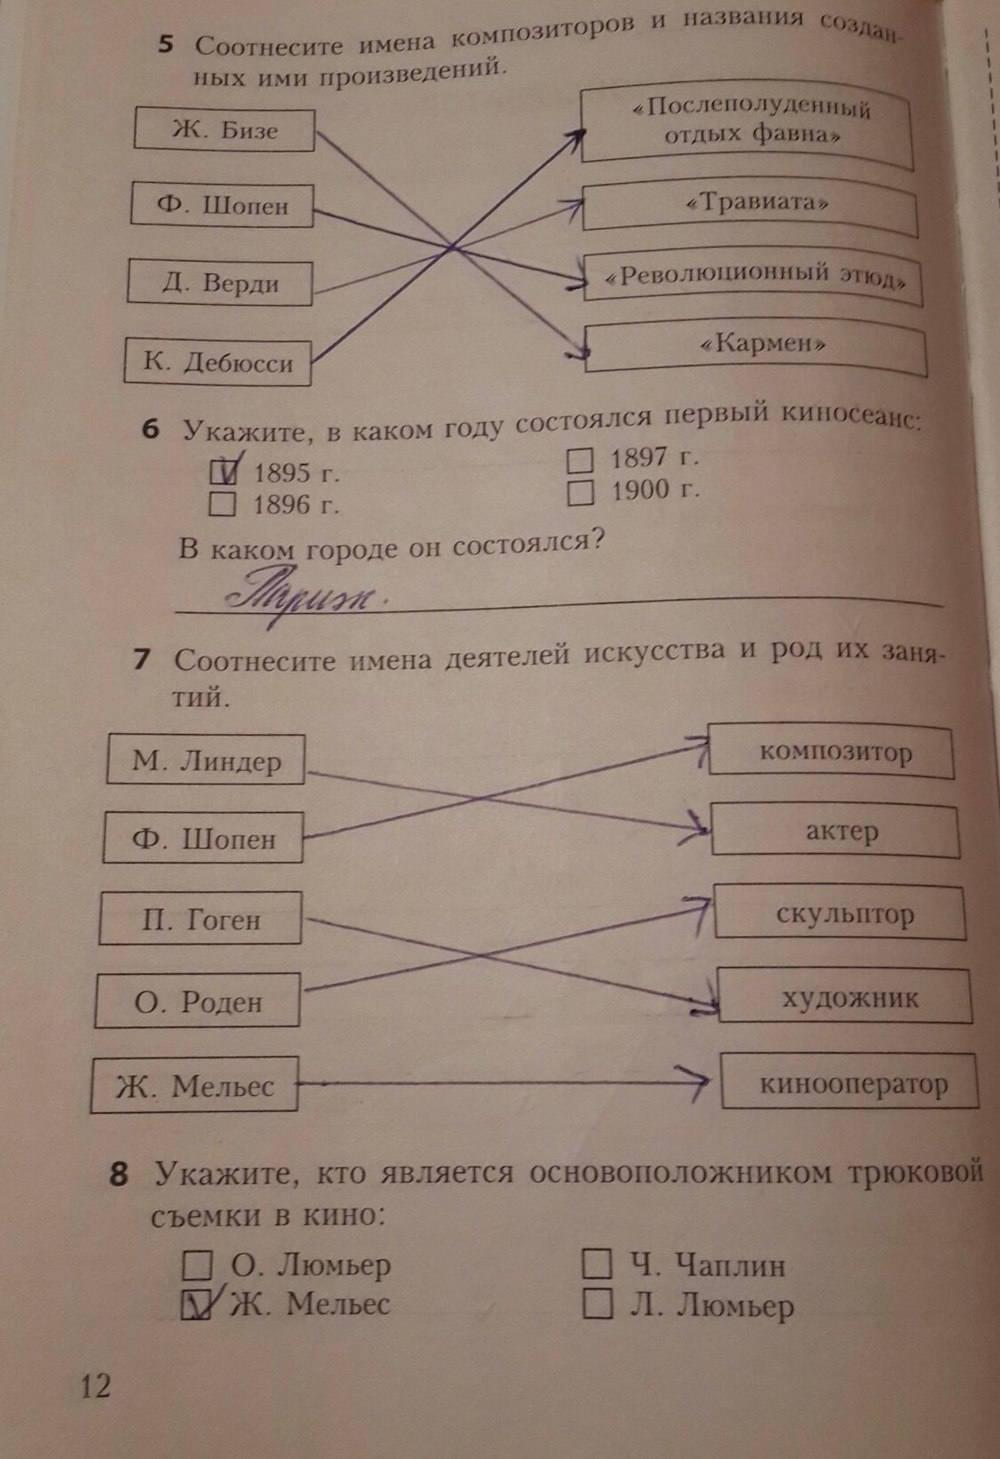 Гдз история россии 8 класс репин рабочая тетрадь ответы